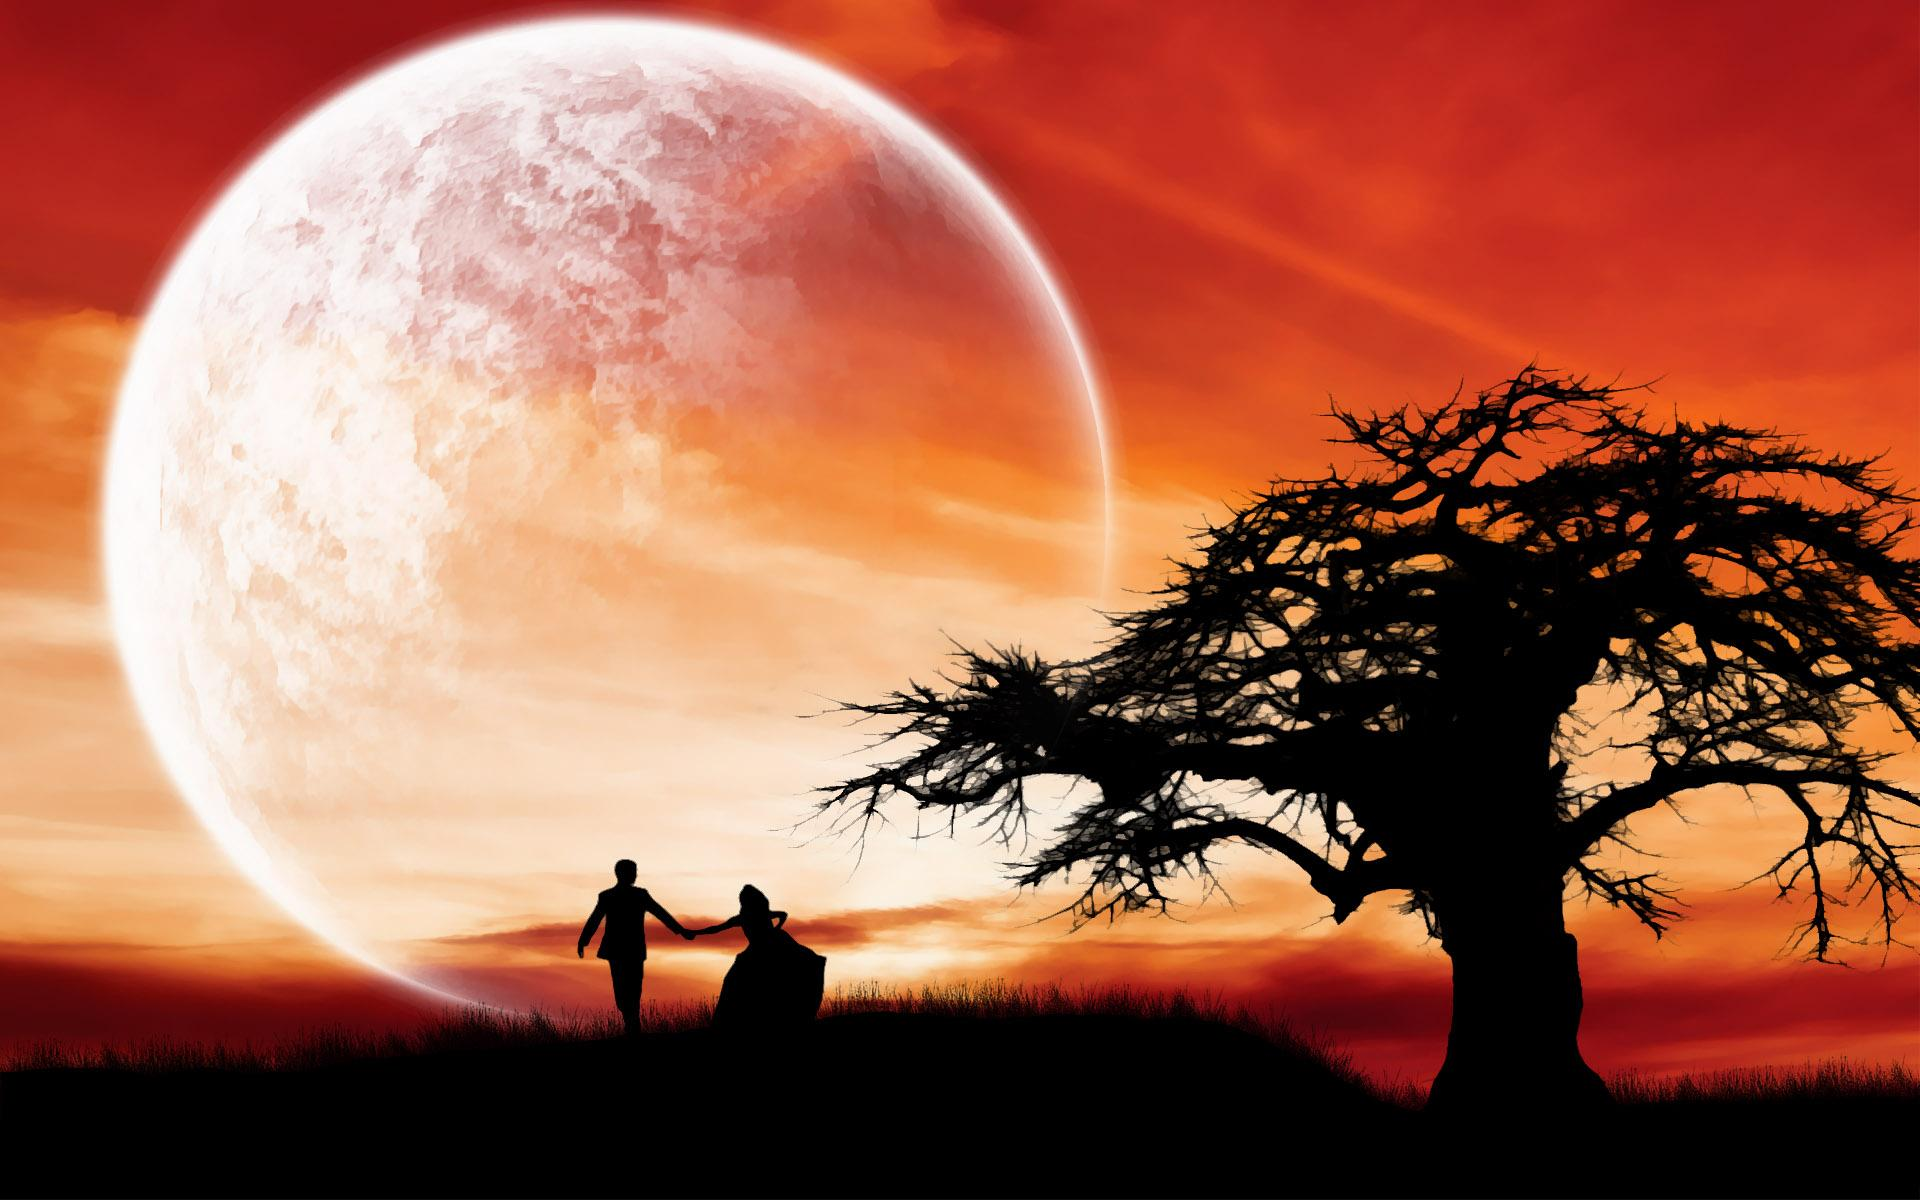 Rüyada Sevgiliyi Aileyle Görmek Tanıştırmak Ne Anlama Gelir